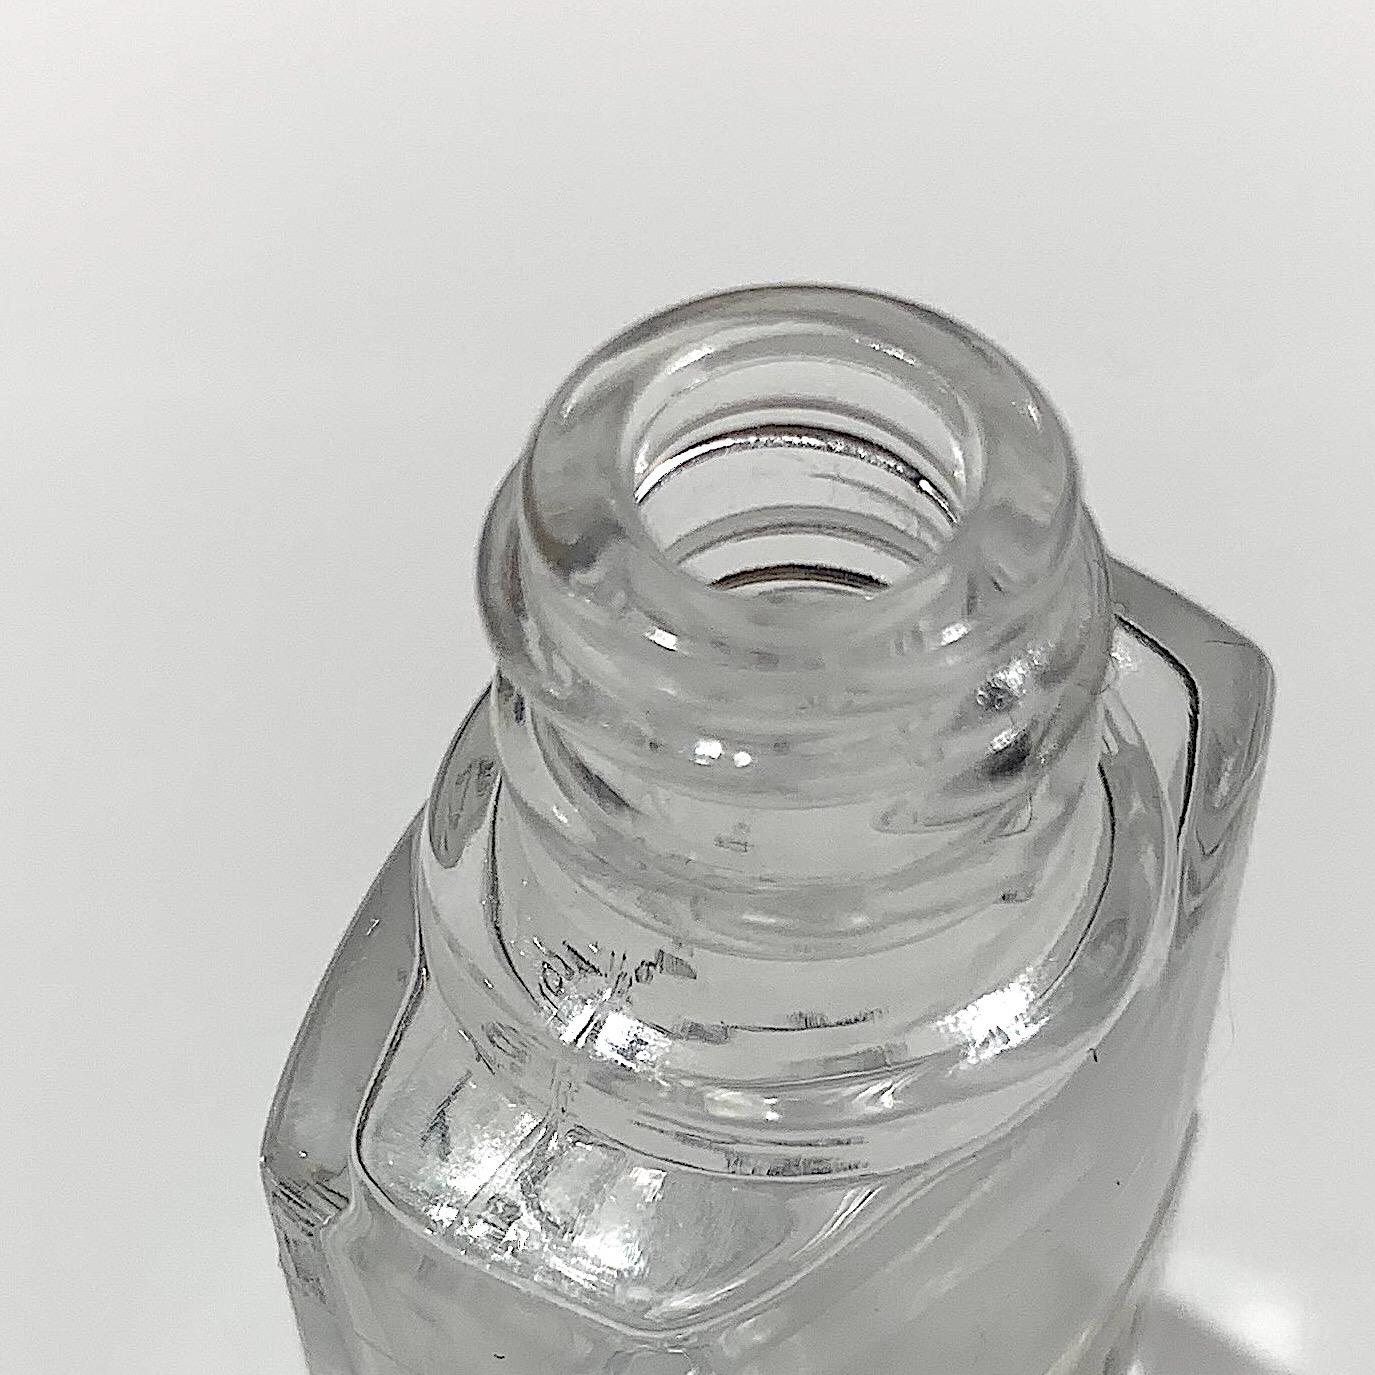 パープルムーン(パルファム)5mlミニボトル/MACOTT 限定熟成香水